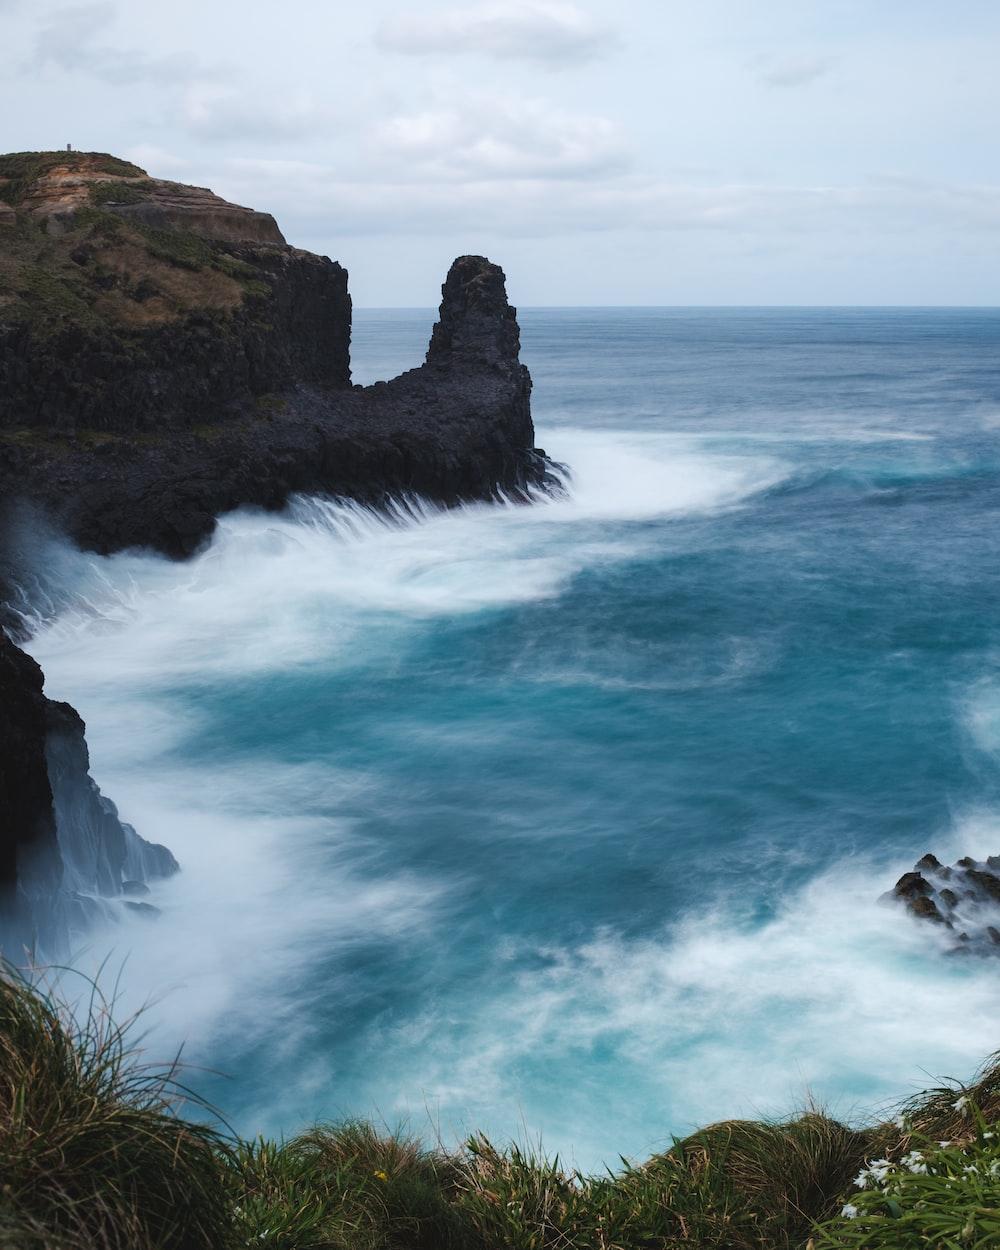 ocean water under gray sky